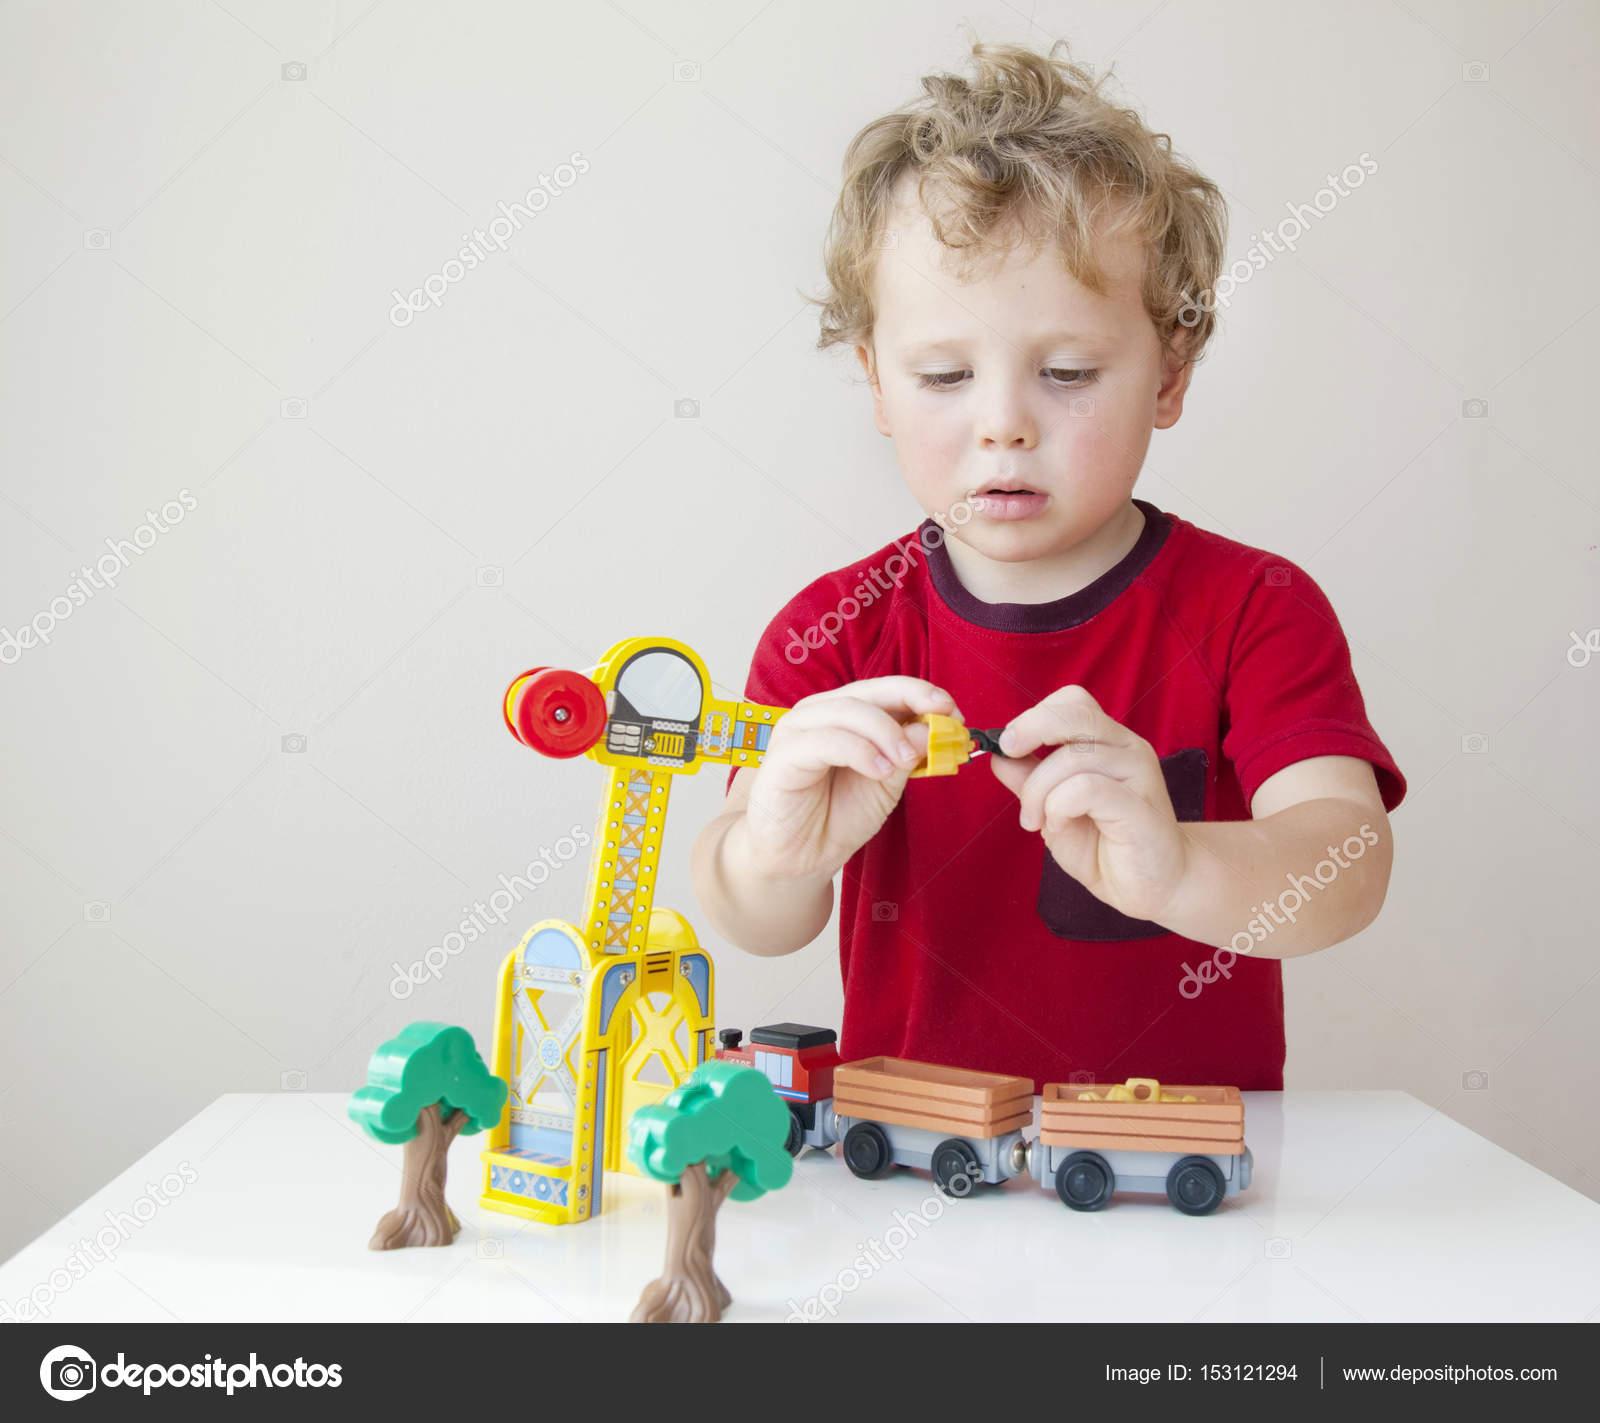 Retrato Plástico Con Juguetes Niño Jugando Madera Y De sCxoQrBthd